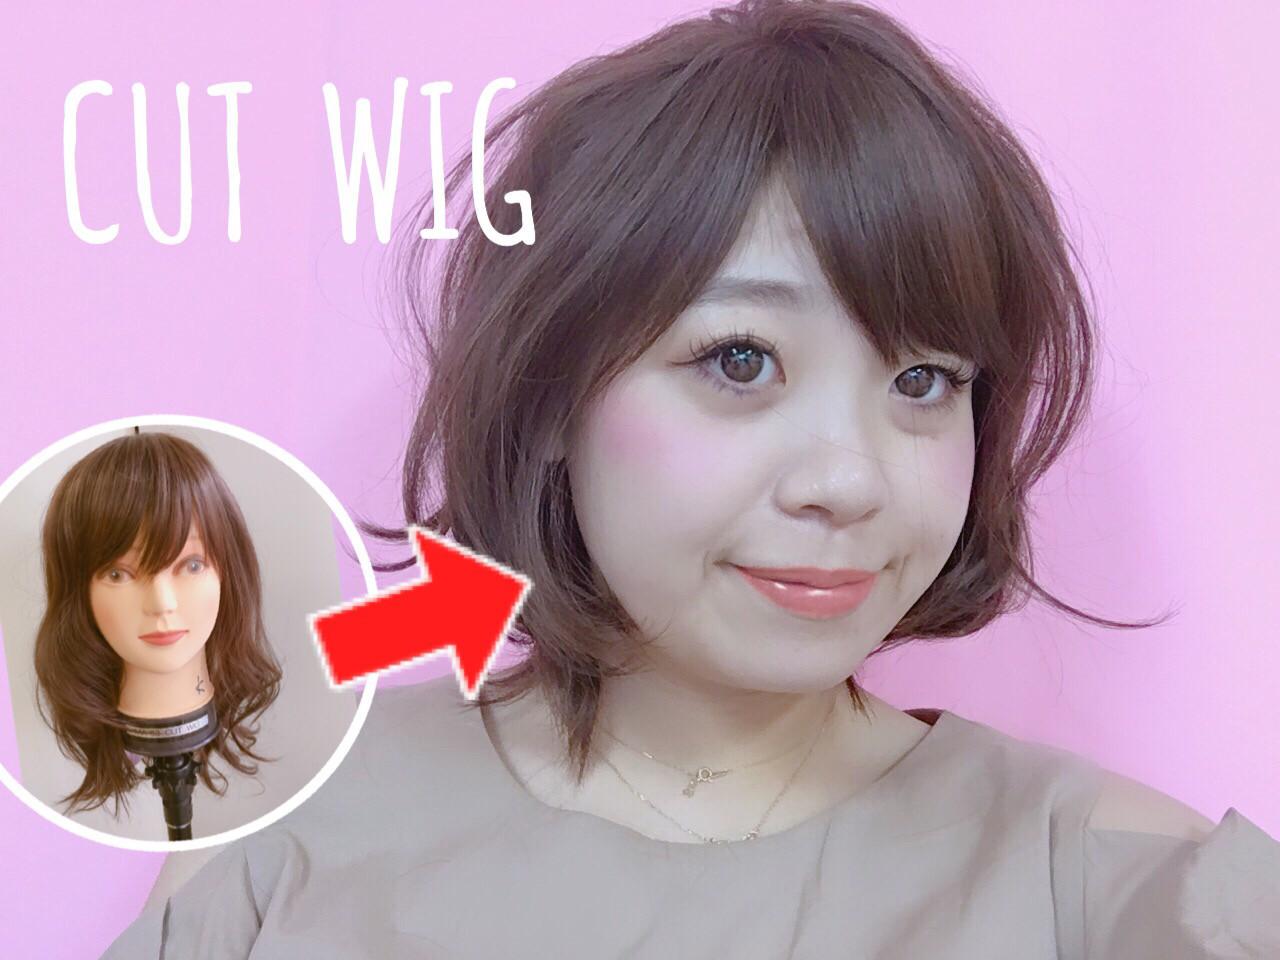 ショートでもできるヘアセット♡不器用さんにもおすすめ可愛いスタイリング術 松田翔子